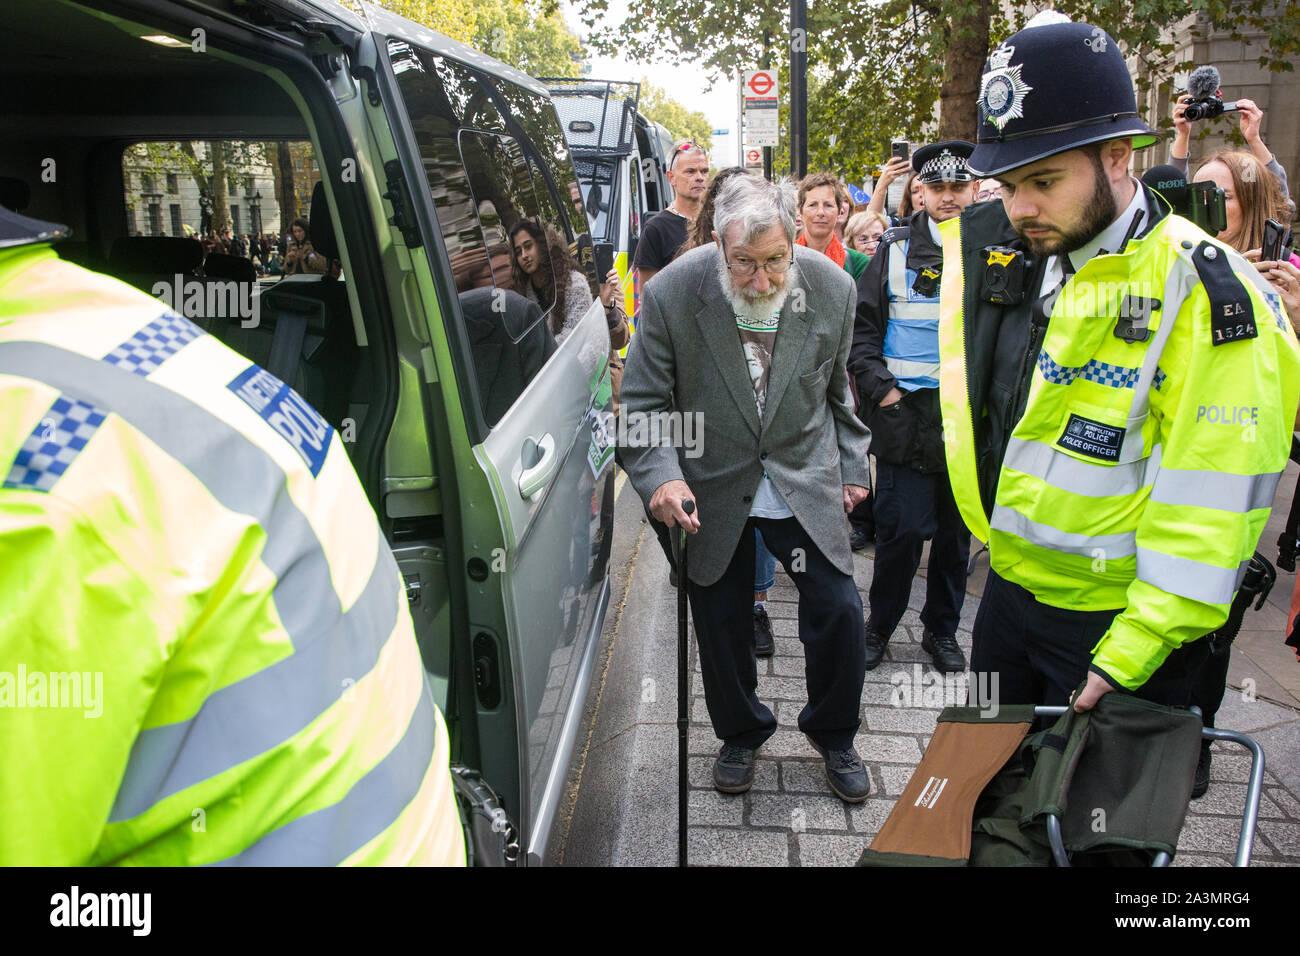 Londres, Reino Unido. El 9 de octubre, 2019. John Lynes, de 91 años de edad, activista del clima de la extinción, la rebelión es arrestado por agentes de la policía utilizando la sección 14 de la Ley de Orden Público de 1986 tras bloqueo Whitehall en el tercer día de rebelión Internacional manifestaciones para exigir una declaración gubernamental de un clima y de emergencia ecológica, un compromiso de detener la pérdida de biodiversidad y neto de cero emisiones de dióxido de carbono en 2025 y que el gobierno cree y ser guiados por las decisiones de una asamblea de ciudadanos sobre el clima y la justicia ecológica. Crédito: Mark Kerrison/Alamy Live News Foto de stock